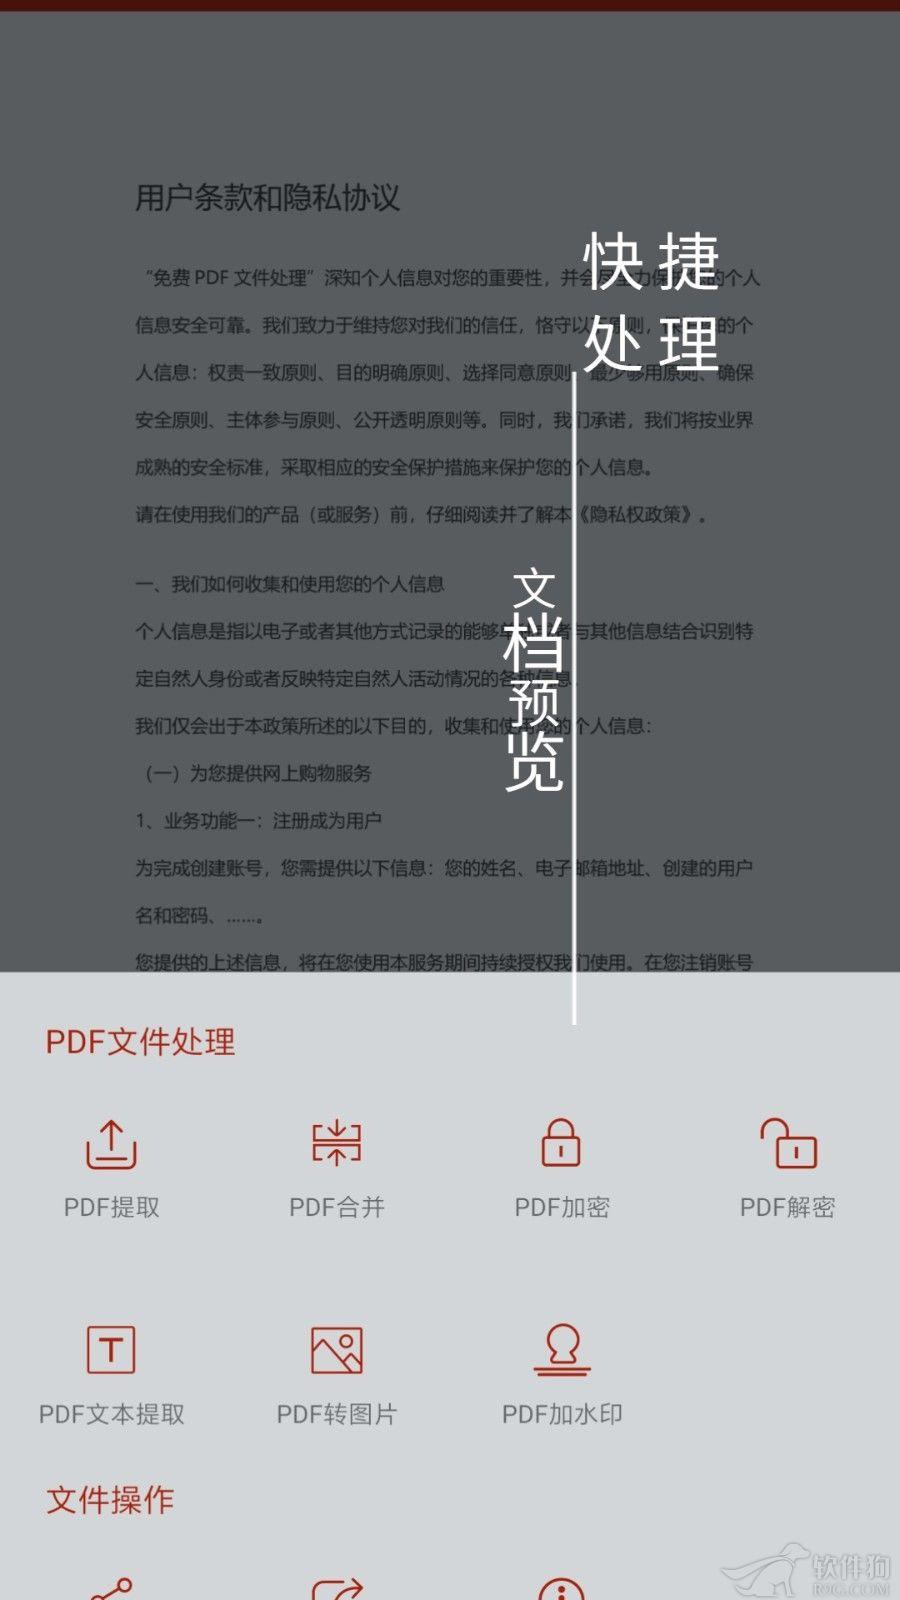 手机在线PDF处理助手软件